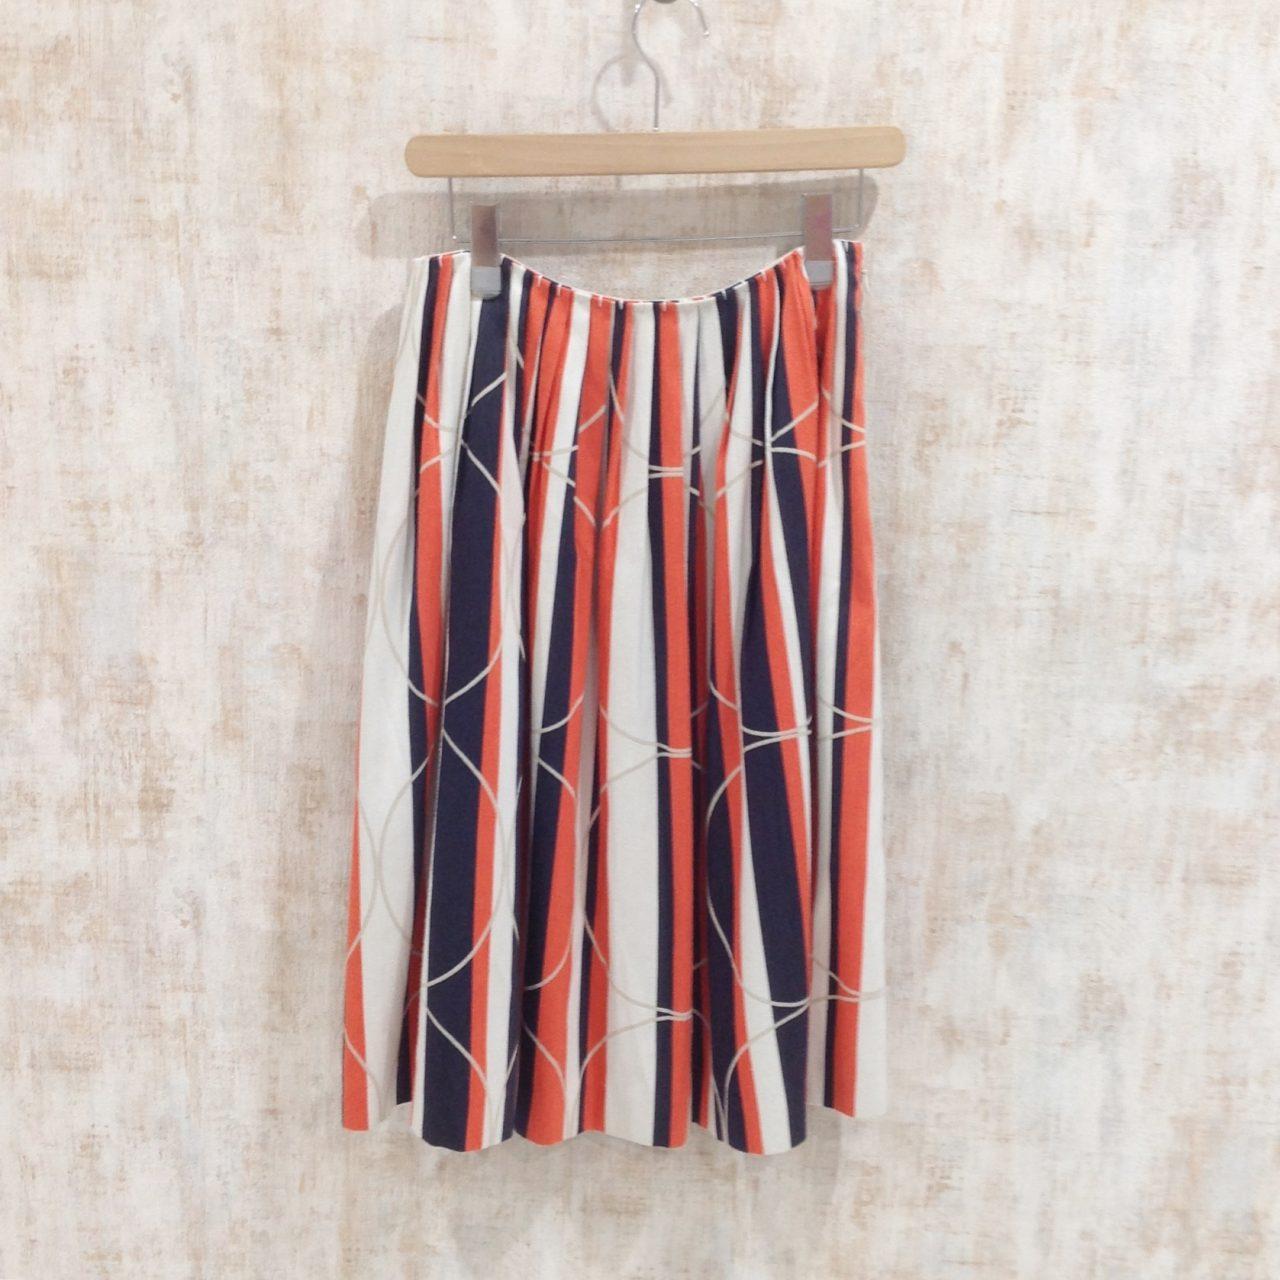 ミナペルホネンのマルチストライプ柄のスカート